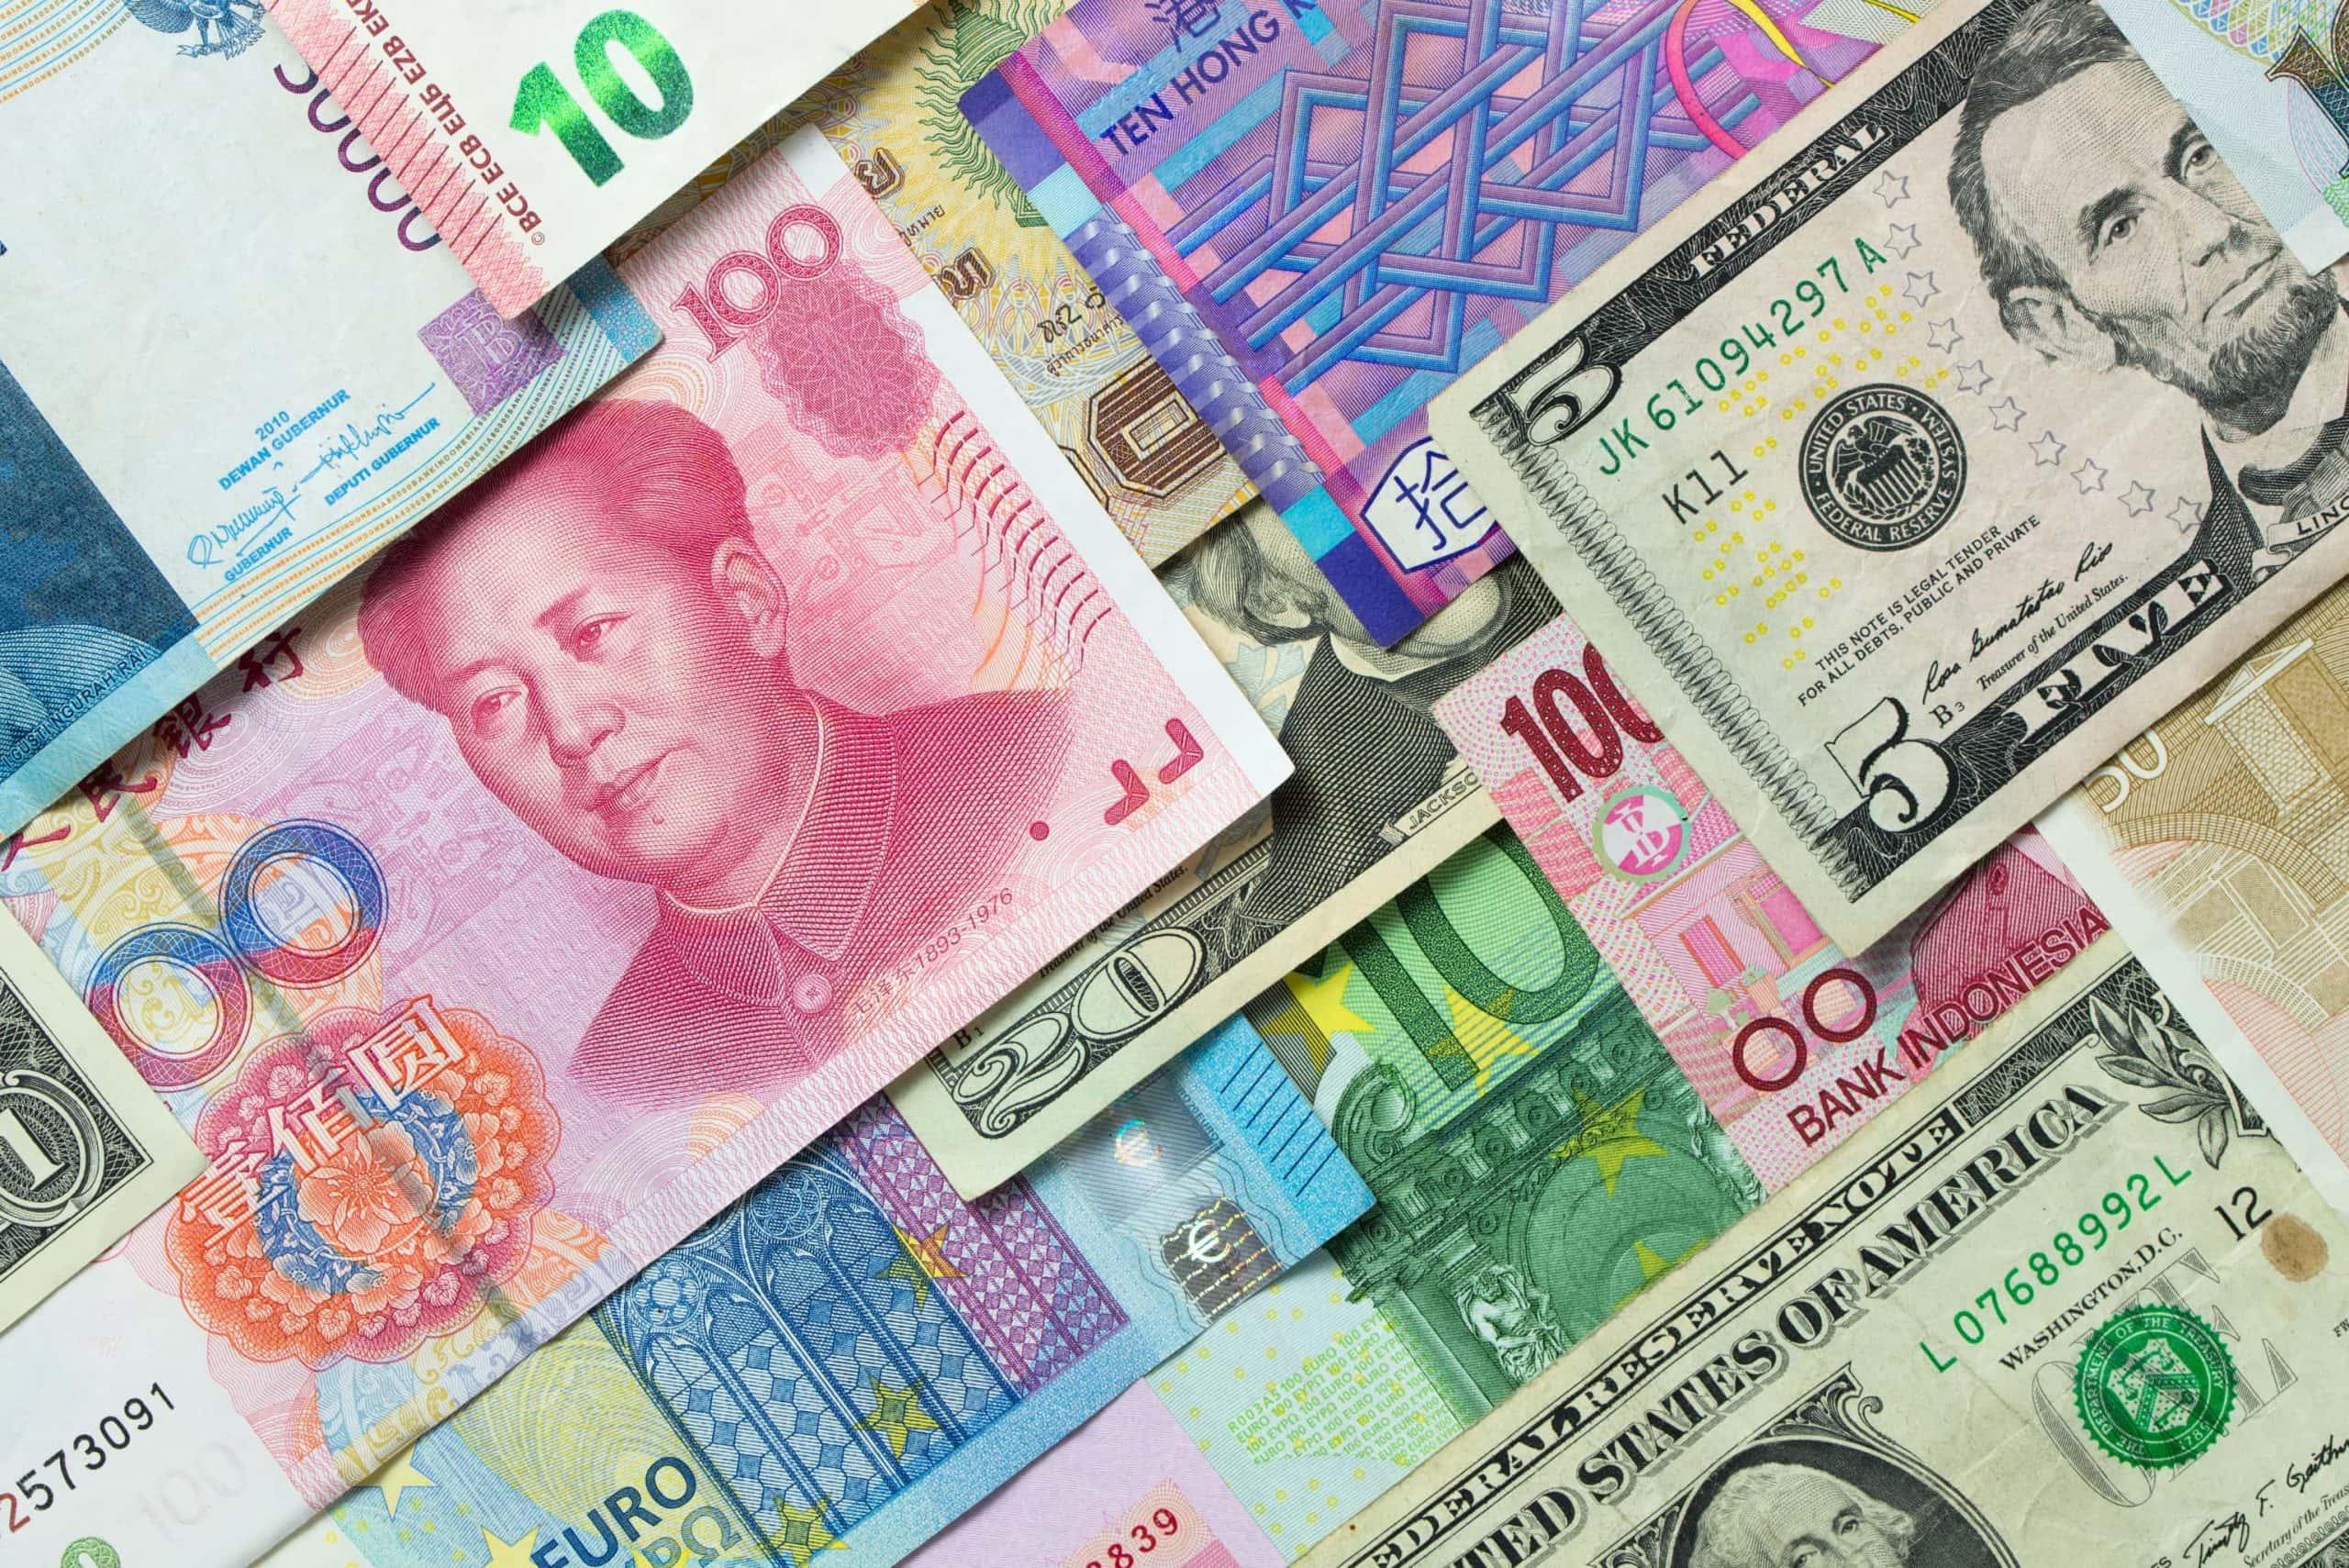 Währungen wie US-Dollar, Euro und Yuan